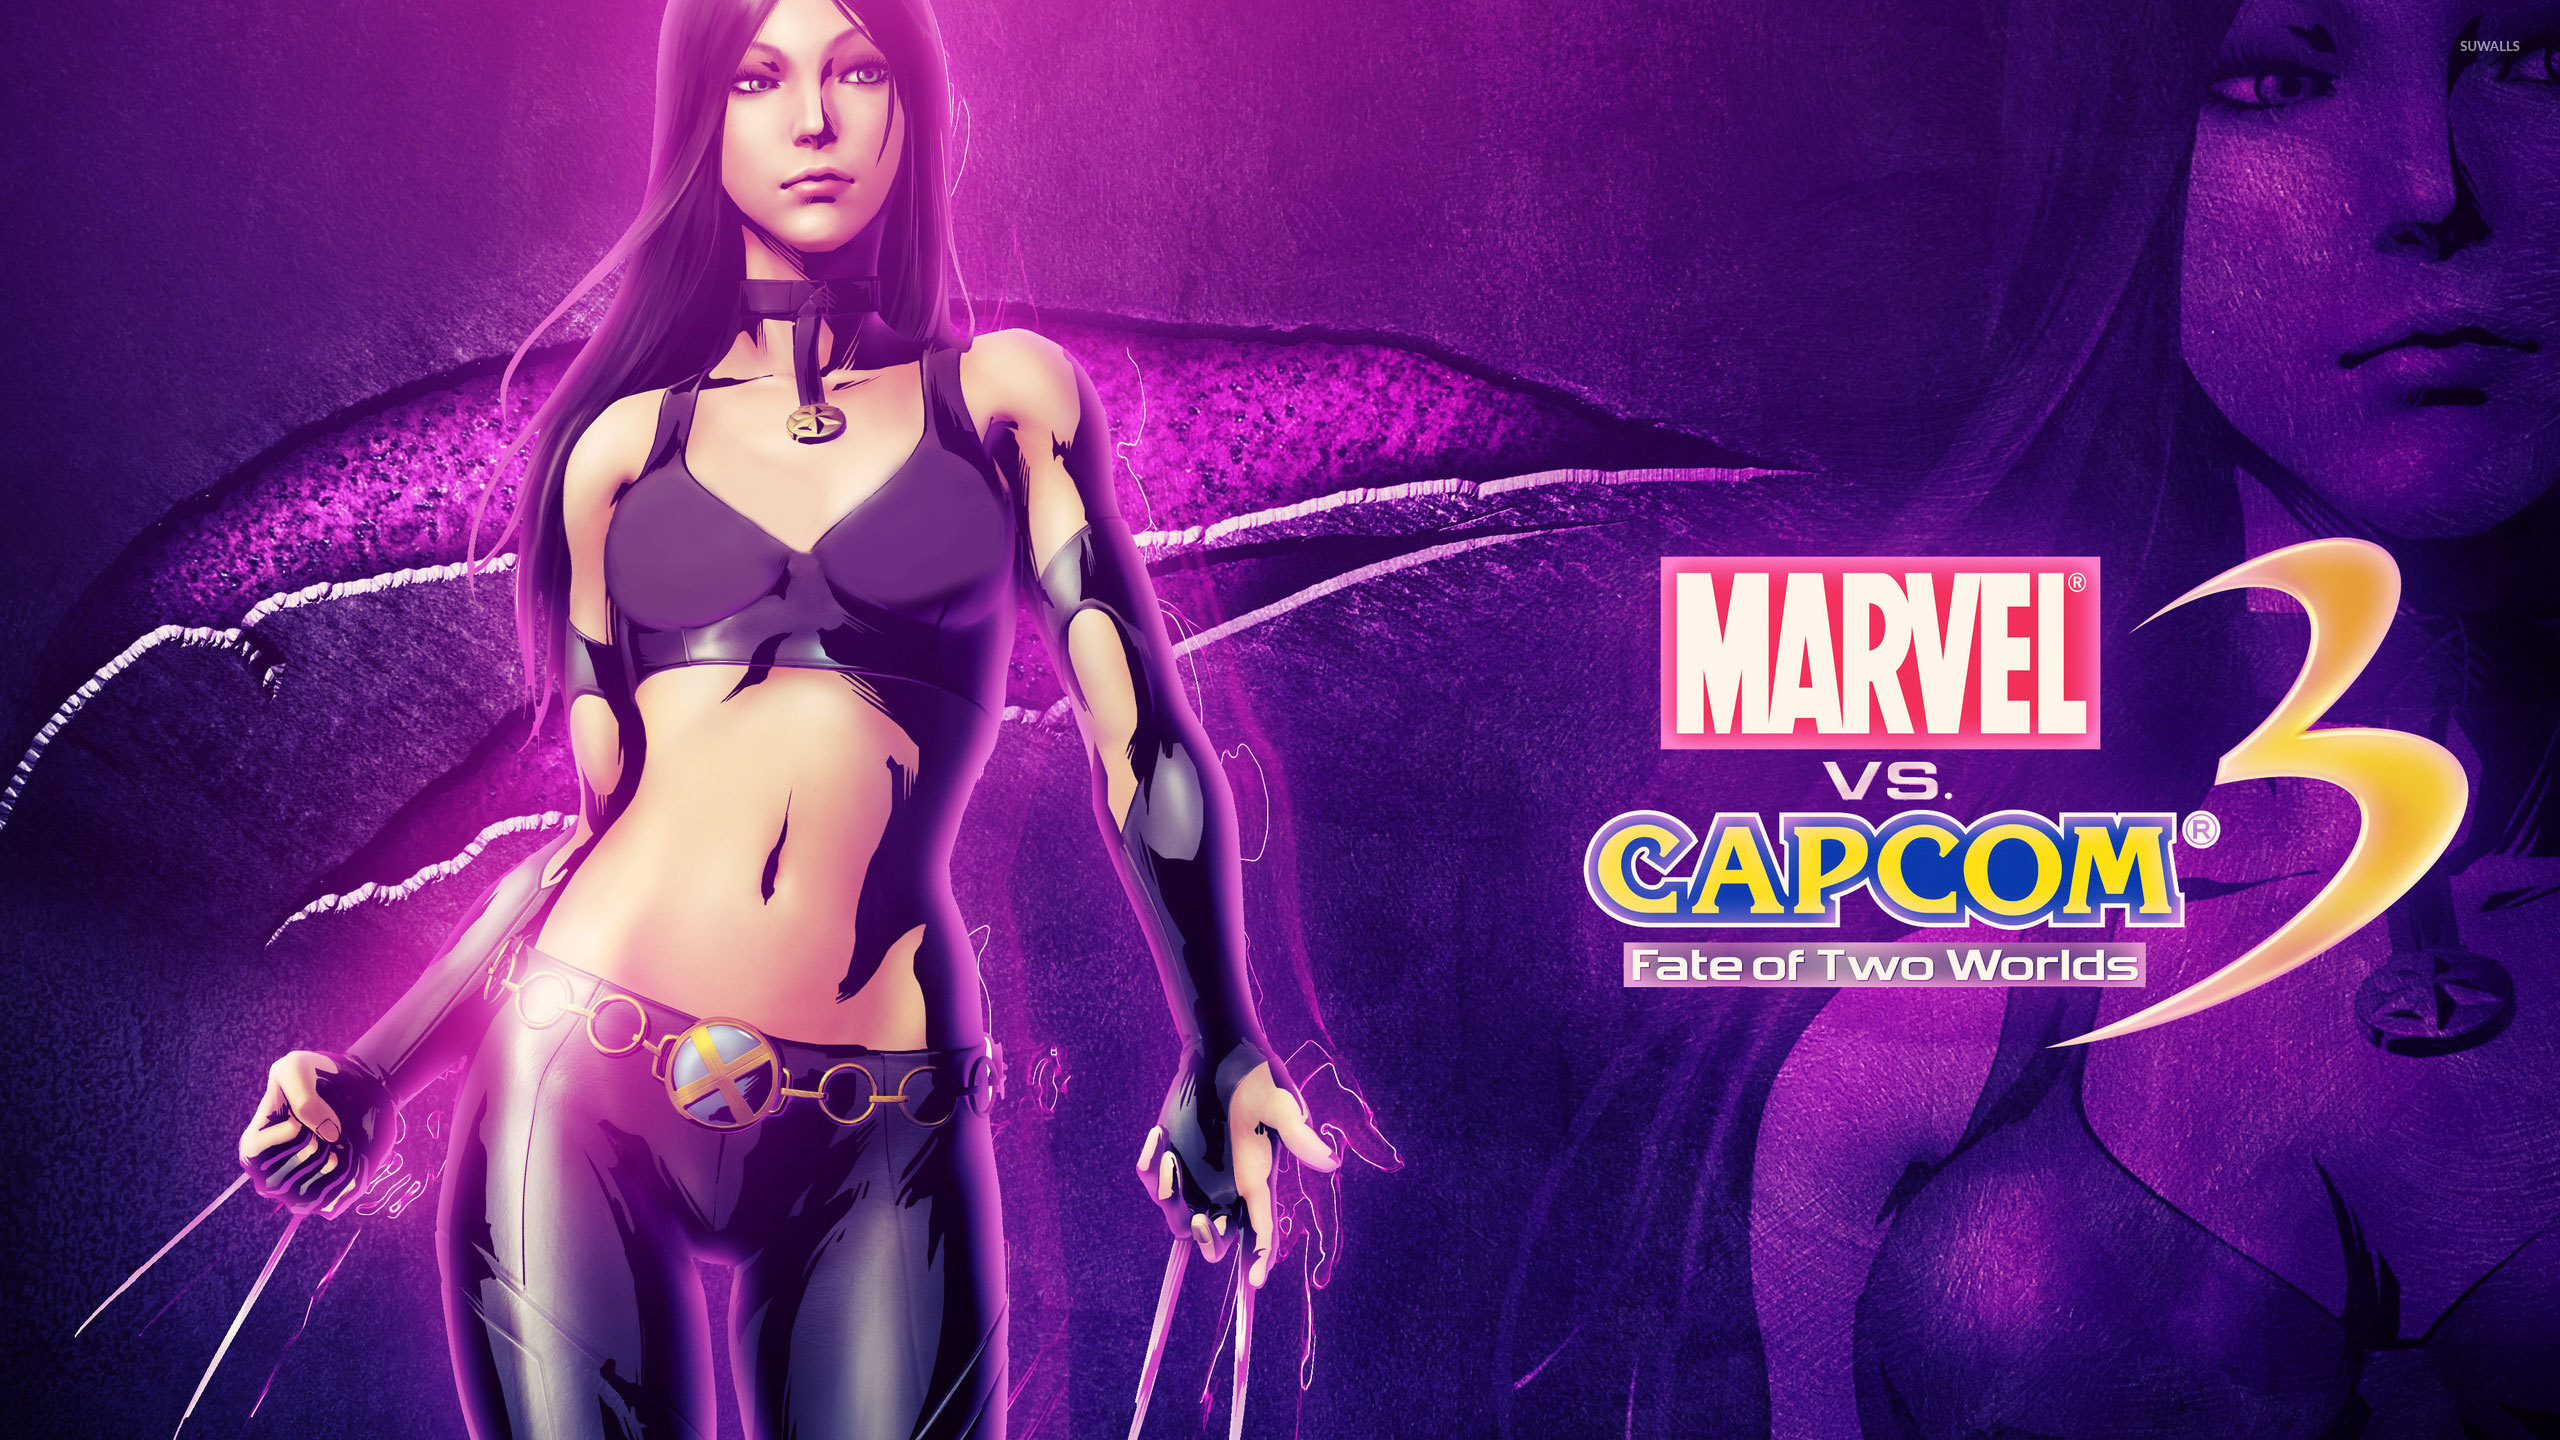 X23 Ultimate Marvel vs Capcom 3 tiers vote breakdown